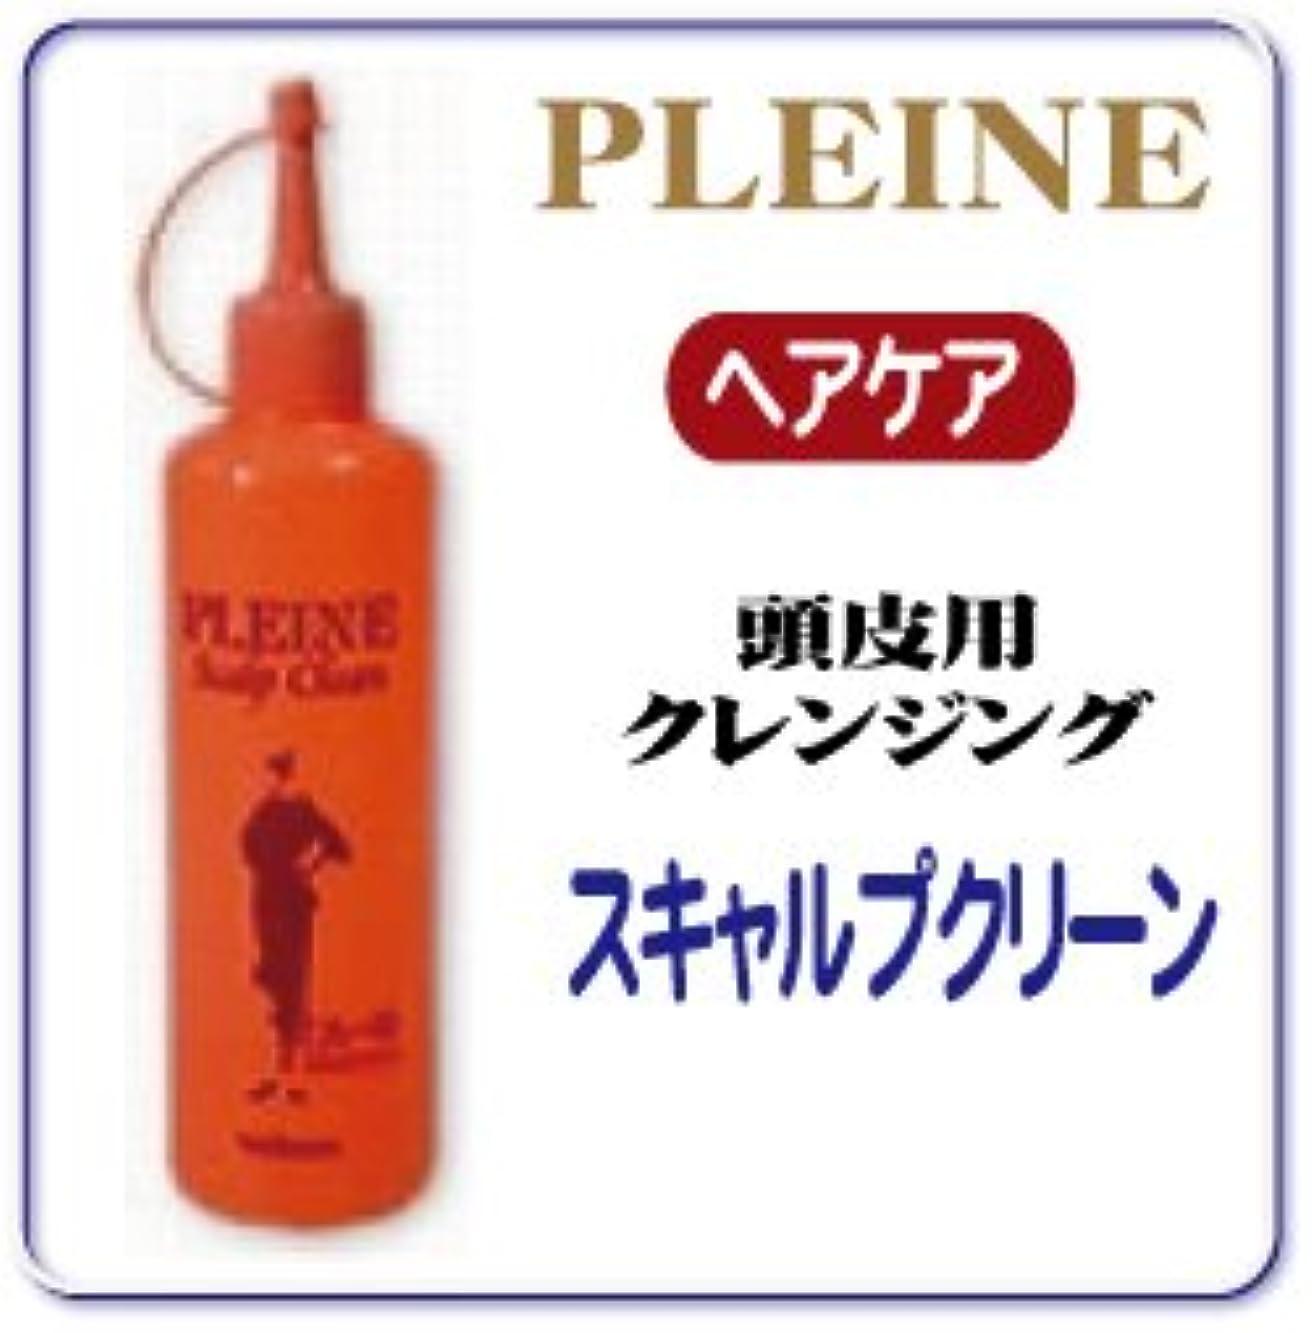 ベルマン化粧品 PLEINEシリーズ  スキャルプクリーン  頭皮用クレンジング 300ml